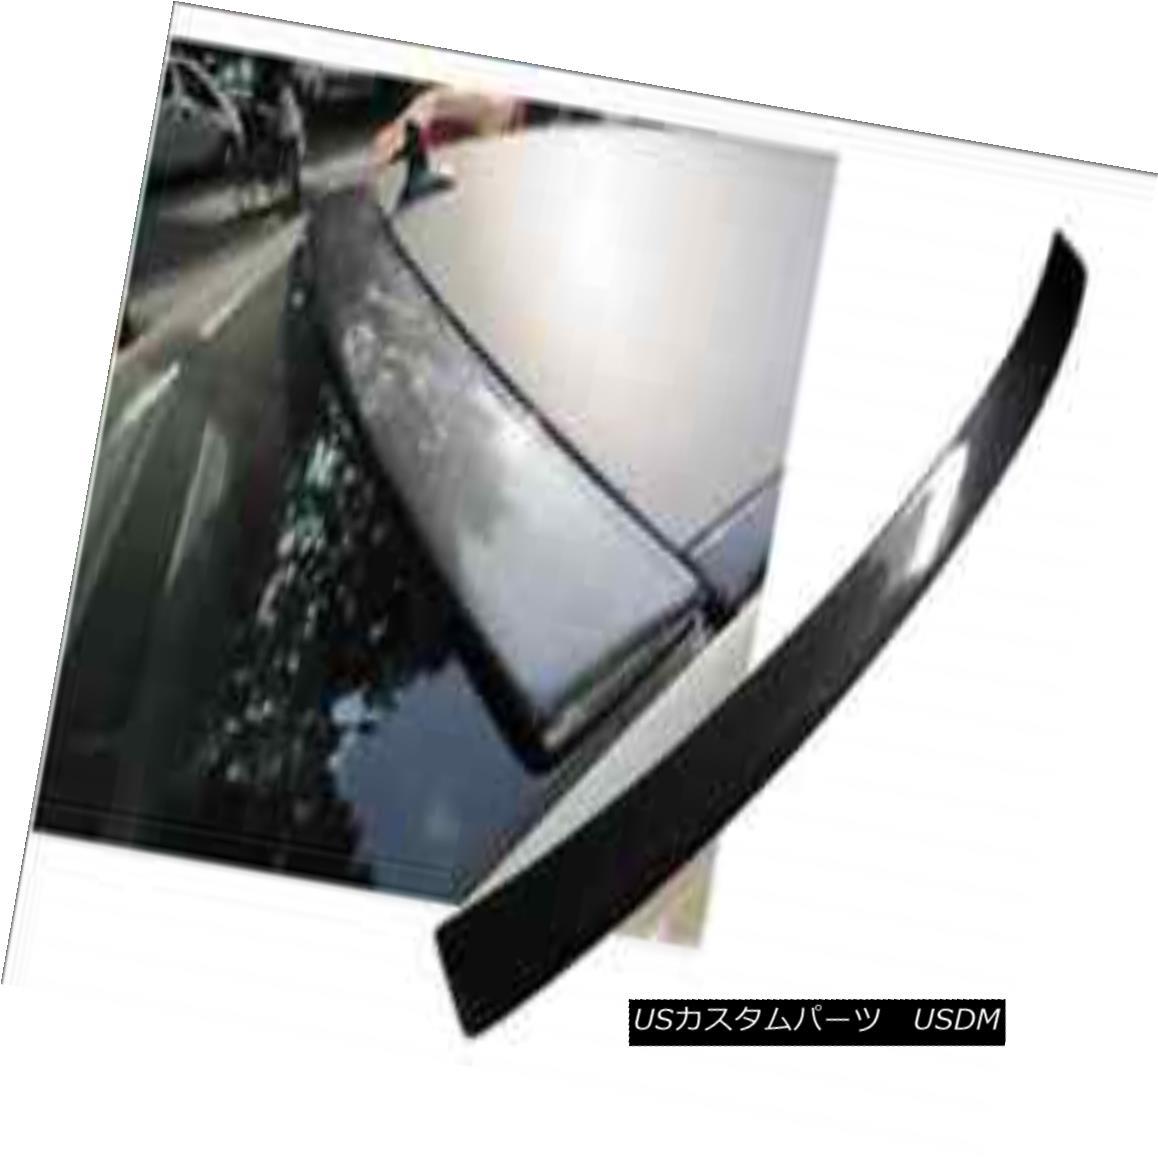 エアロパーツ ABC Rear Roof Spoiler Wing For Benz C-Class C180 C200 C260 C300 C63 07-10 Carbon ベンツCクラスC180 C200 C260 C300 C63 07-10カーボン用ABCリアルーフスポイラーウィング